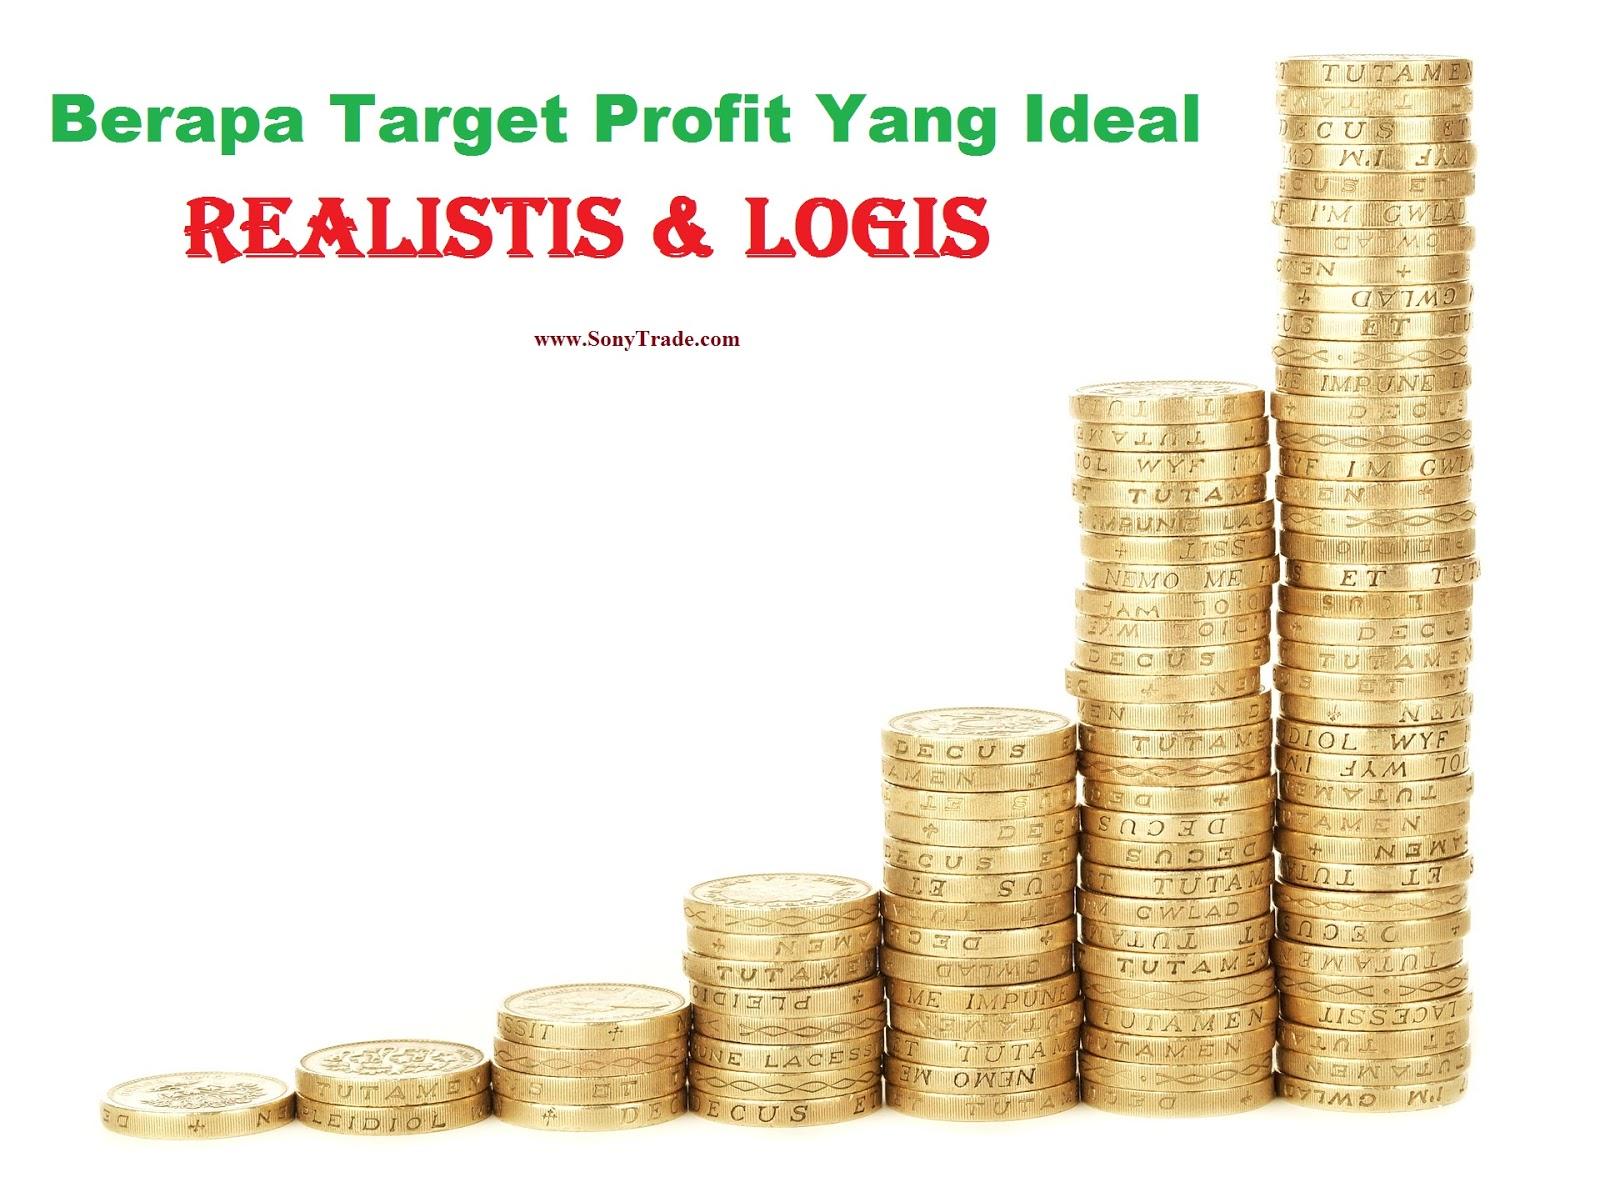 Berapa minimal investasi forex